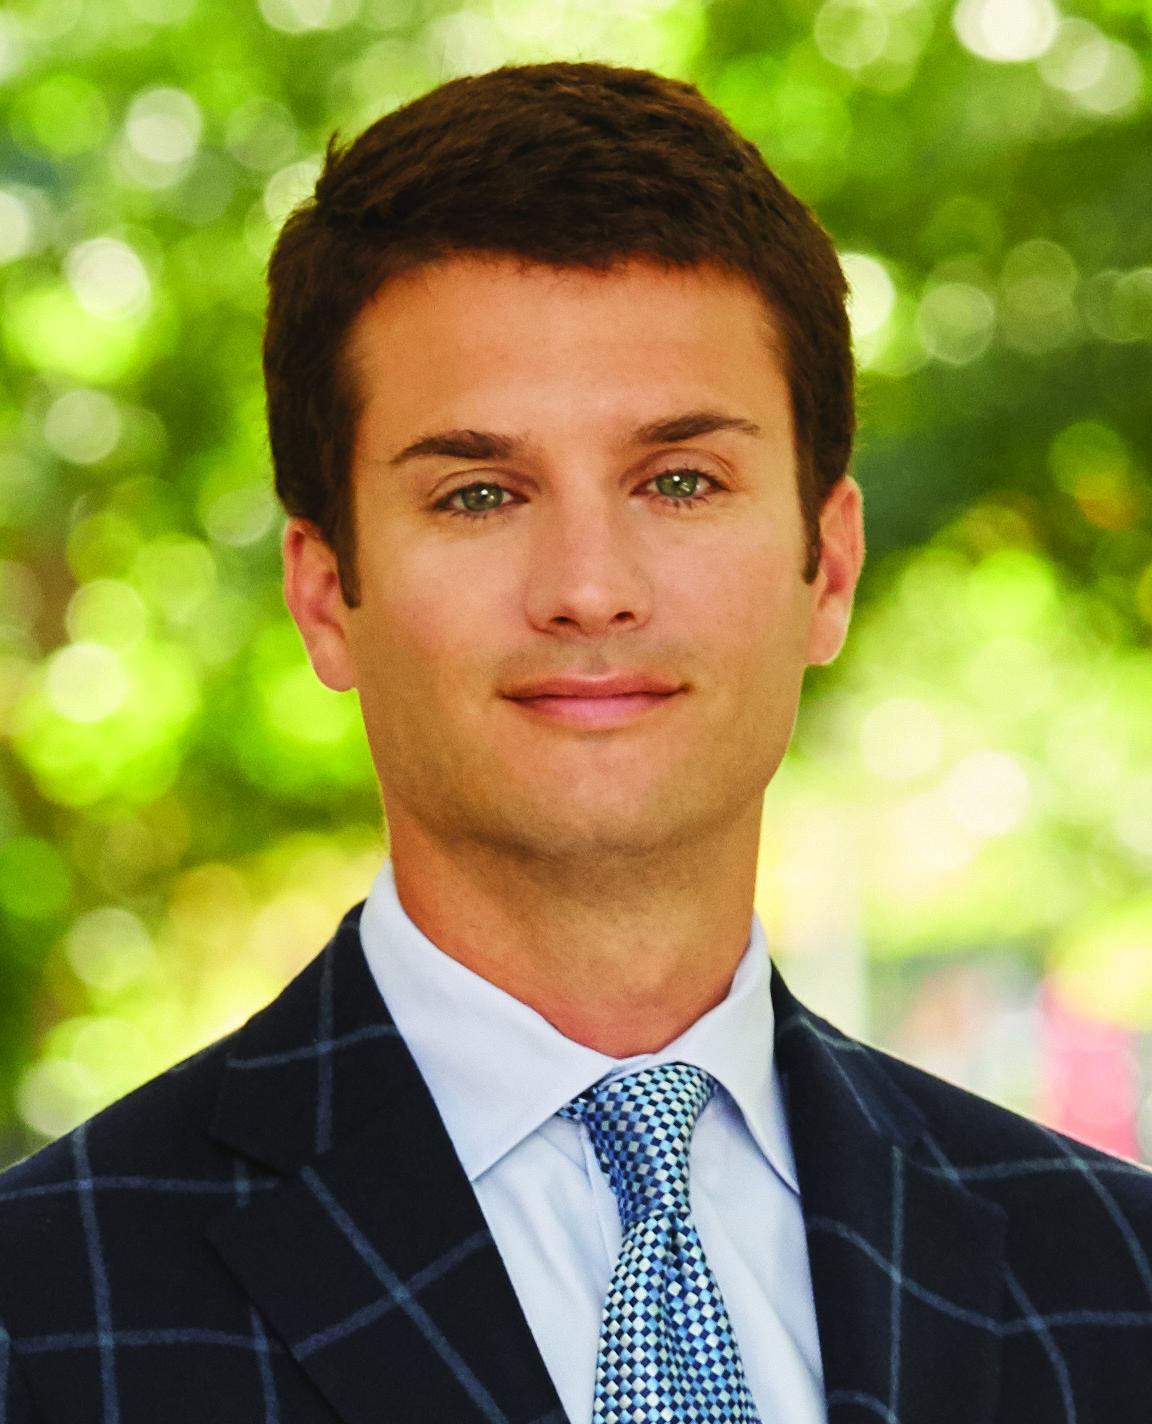 Brian Giambalvo